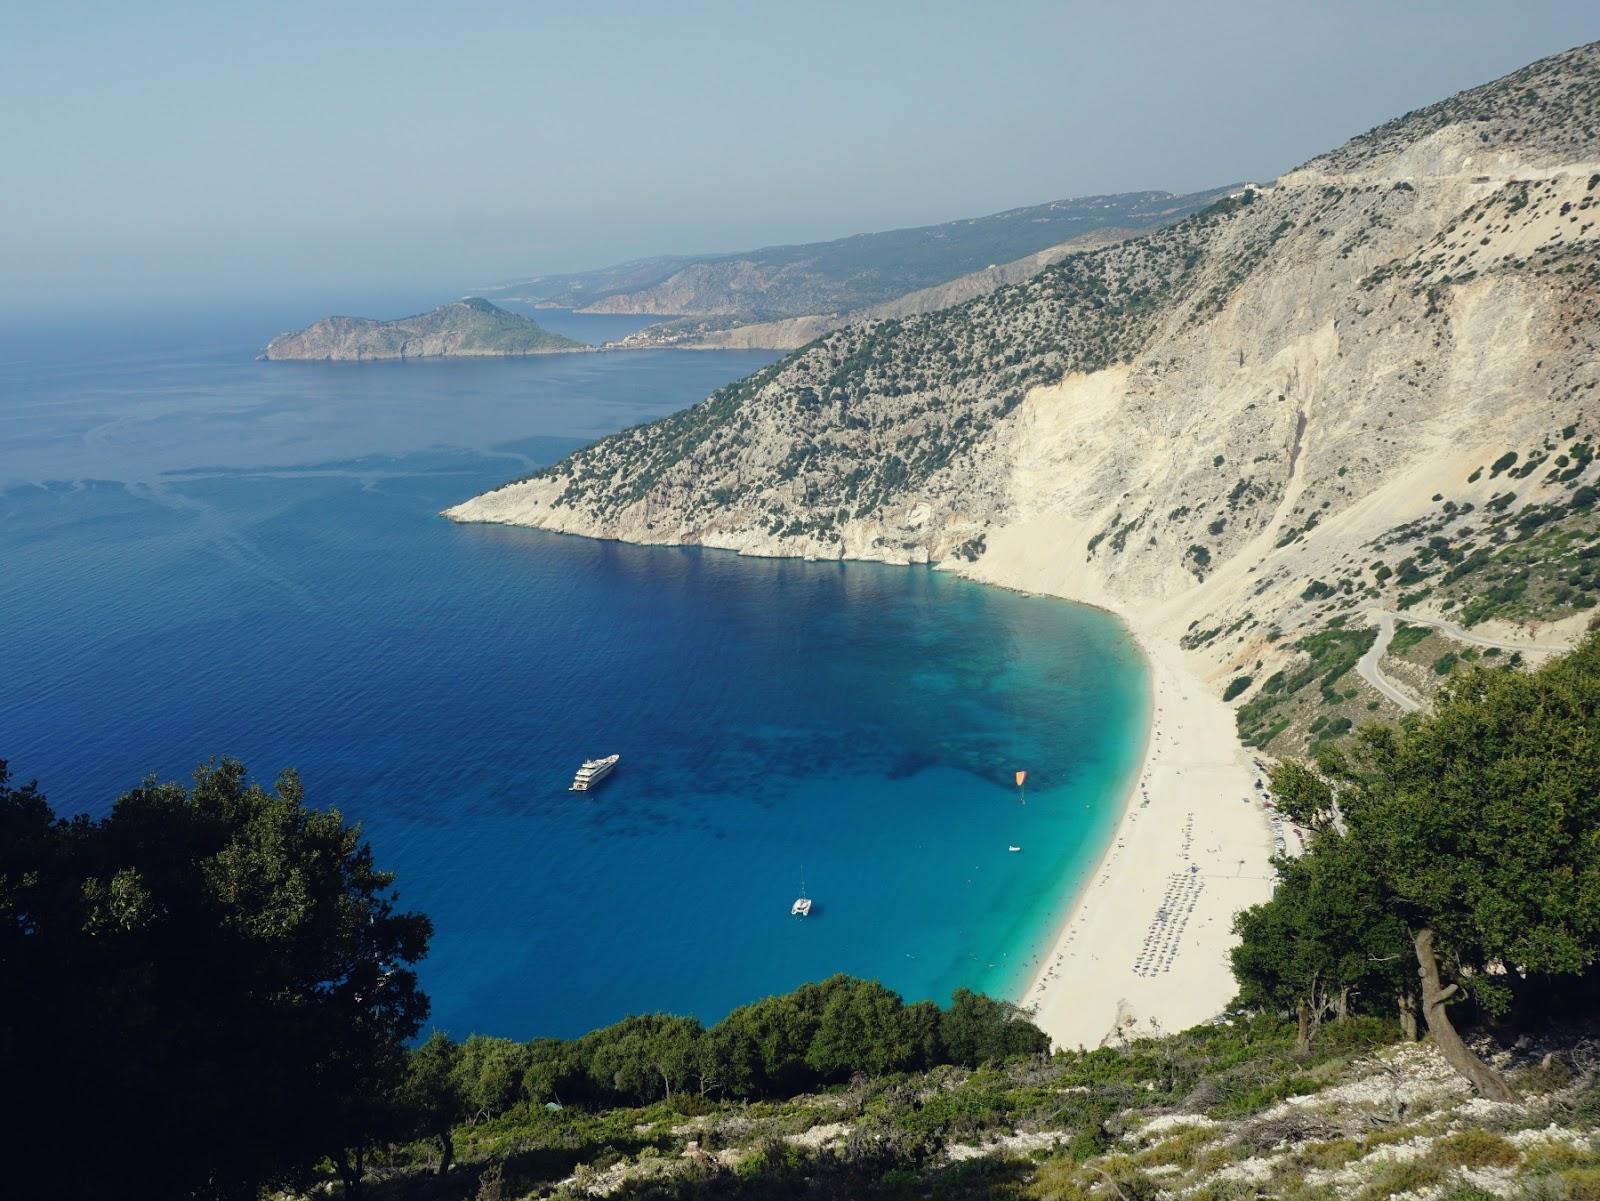 plaża Myrthos, Kefalonia, plaża, biała plaża, najpiękniejsza plaża w Grecji, Grecja, wyspy jońskie, wakacje w Grecji, wczasy w Grecji, blog o podróżach, panidorcia